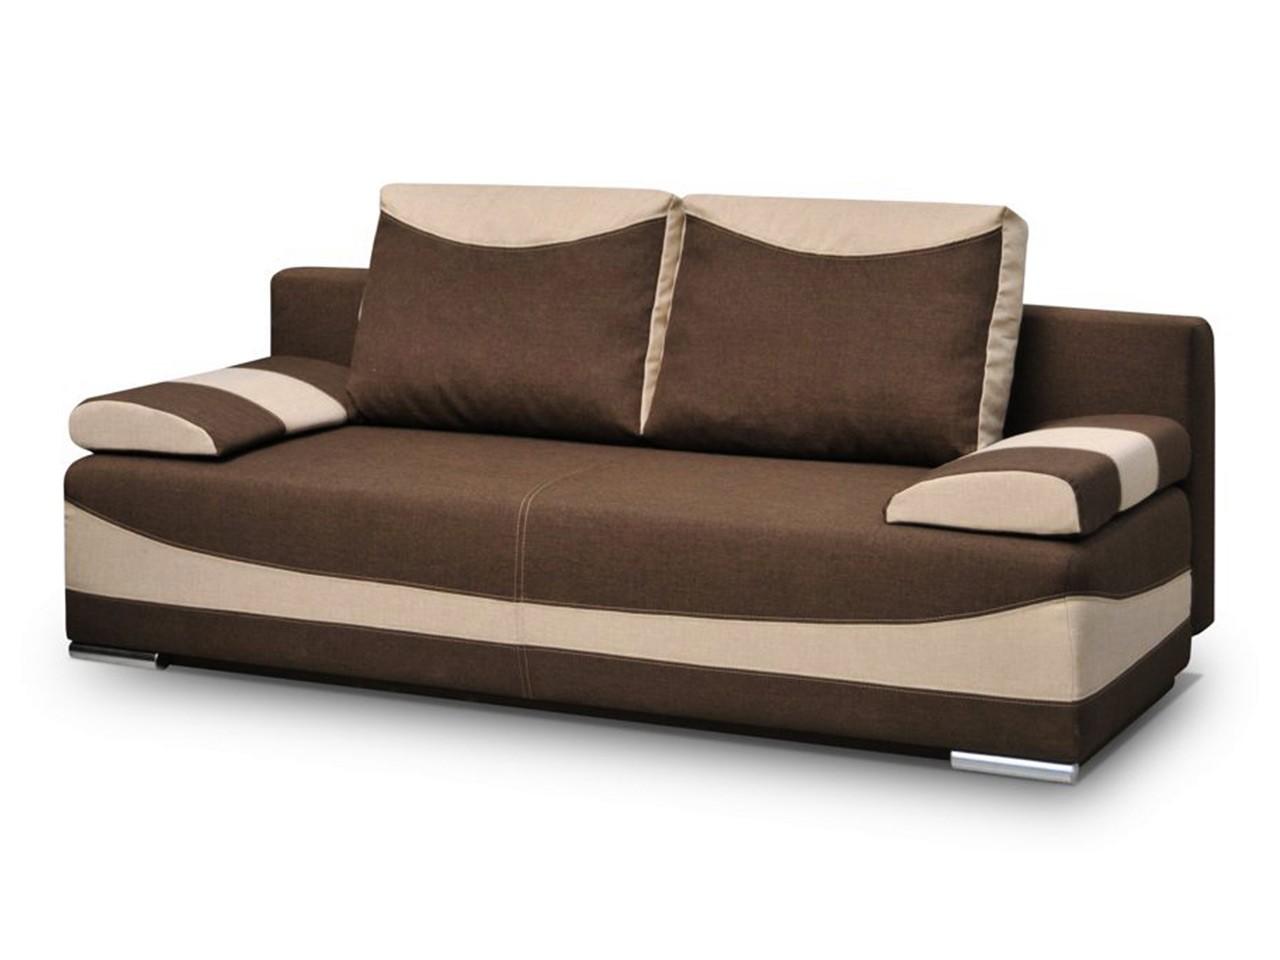 sofa mit schlaffunktion test inspirierendes. Black Bedroom Furniture Sets. Home Design Ideas